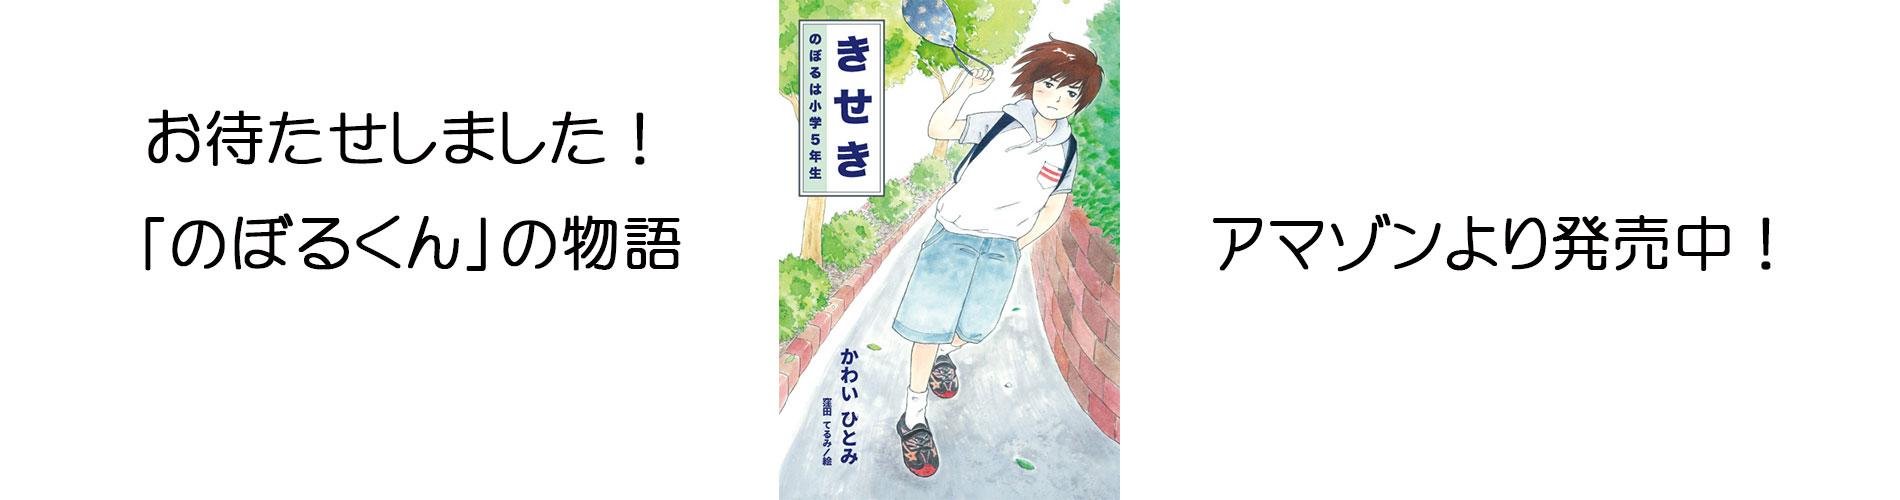 「のぼるくん」の物語発売決定!